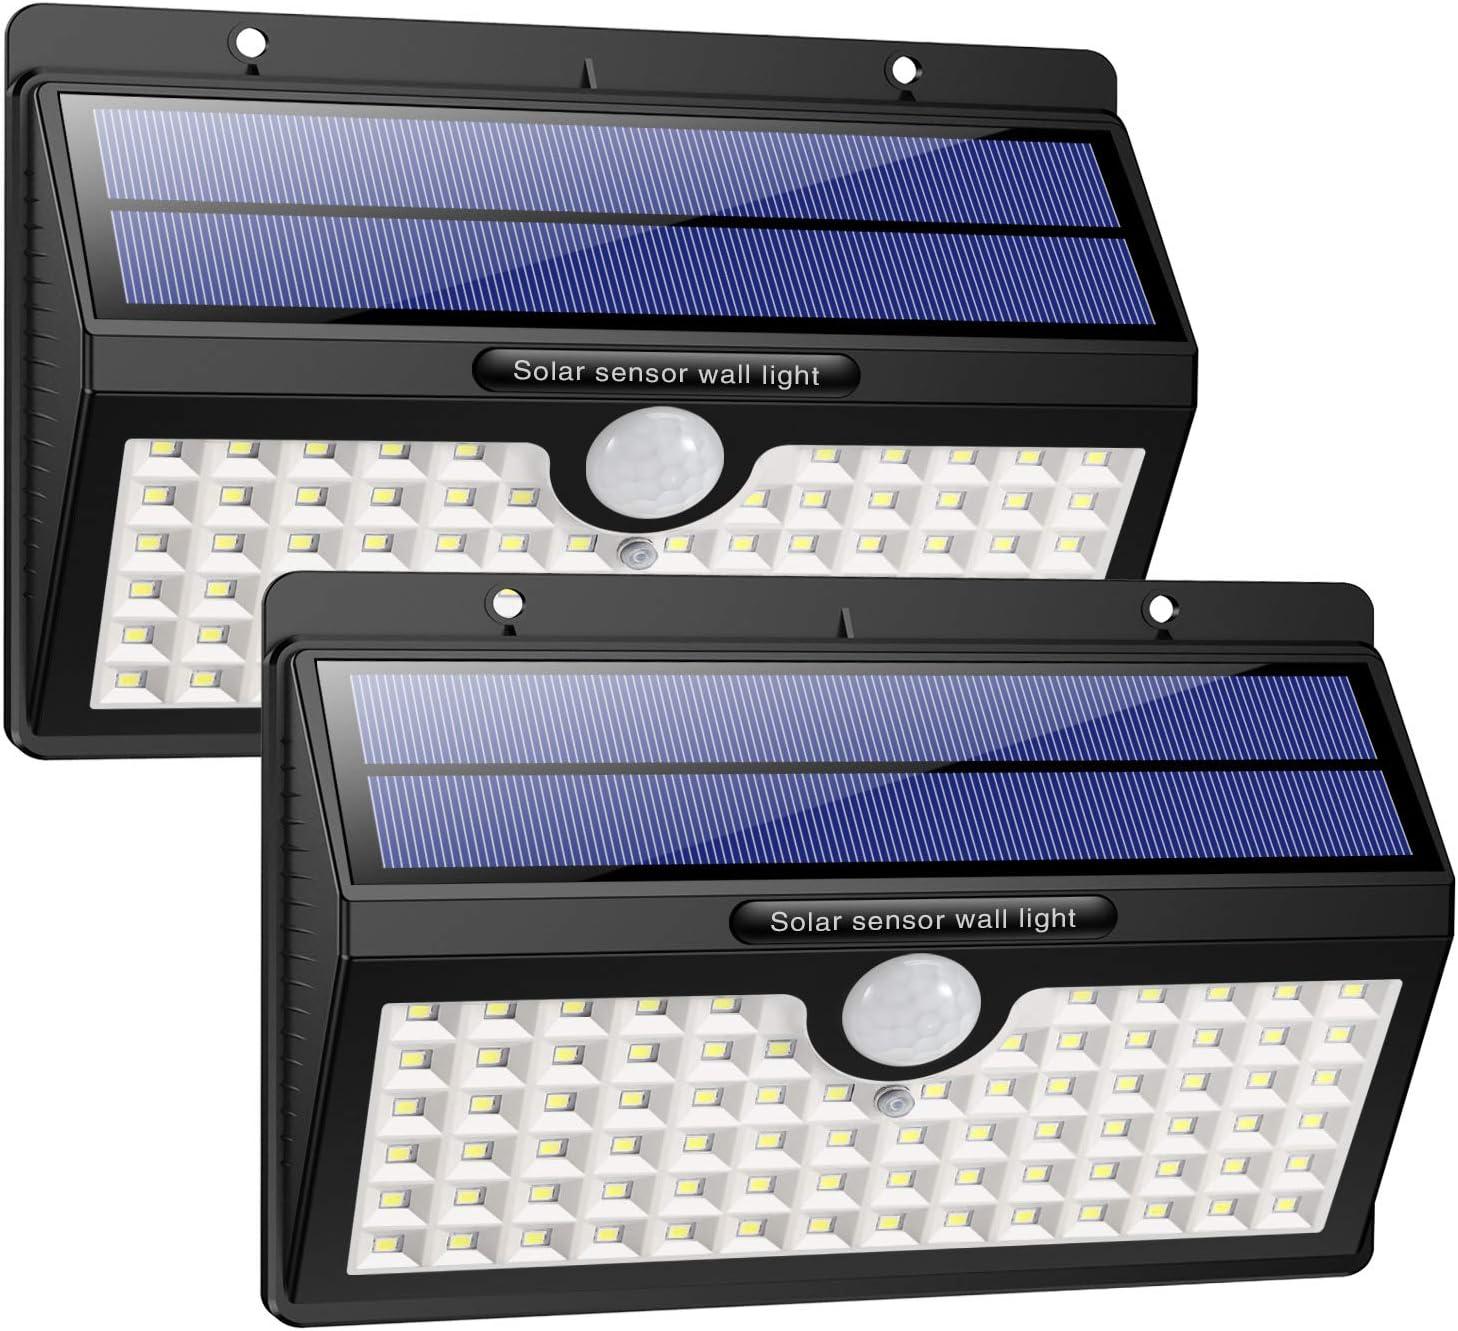 HETP Luz Solar/Foco Solar Exterior LED con Sensor de Movimiento 2000mAh Iluminación de Seguridad 2 Piezas Luces Solares/Lámpara Solar Exterior Inalámbrico Impermeable para Jardín, Garaje, Camino